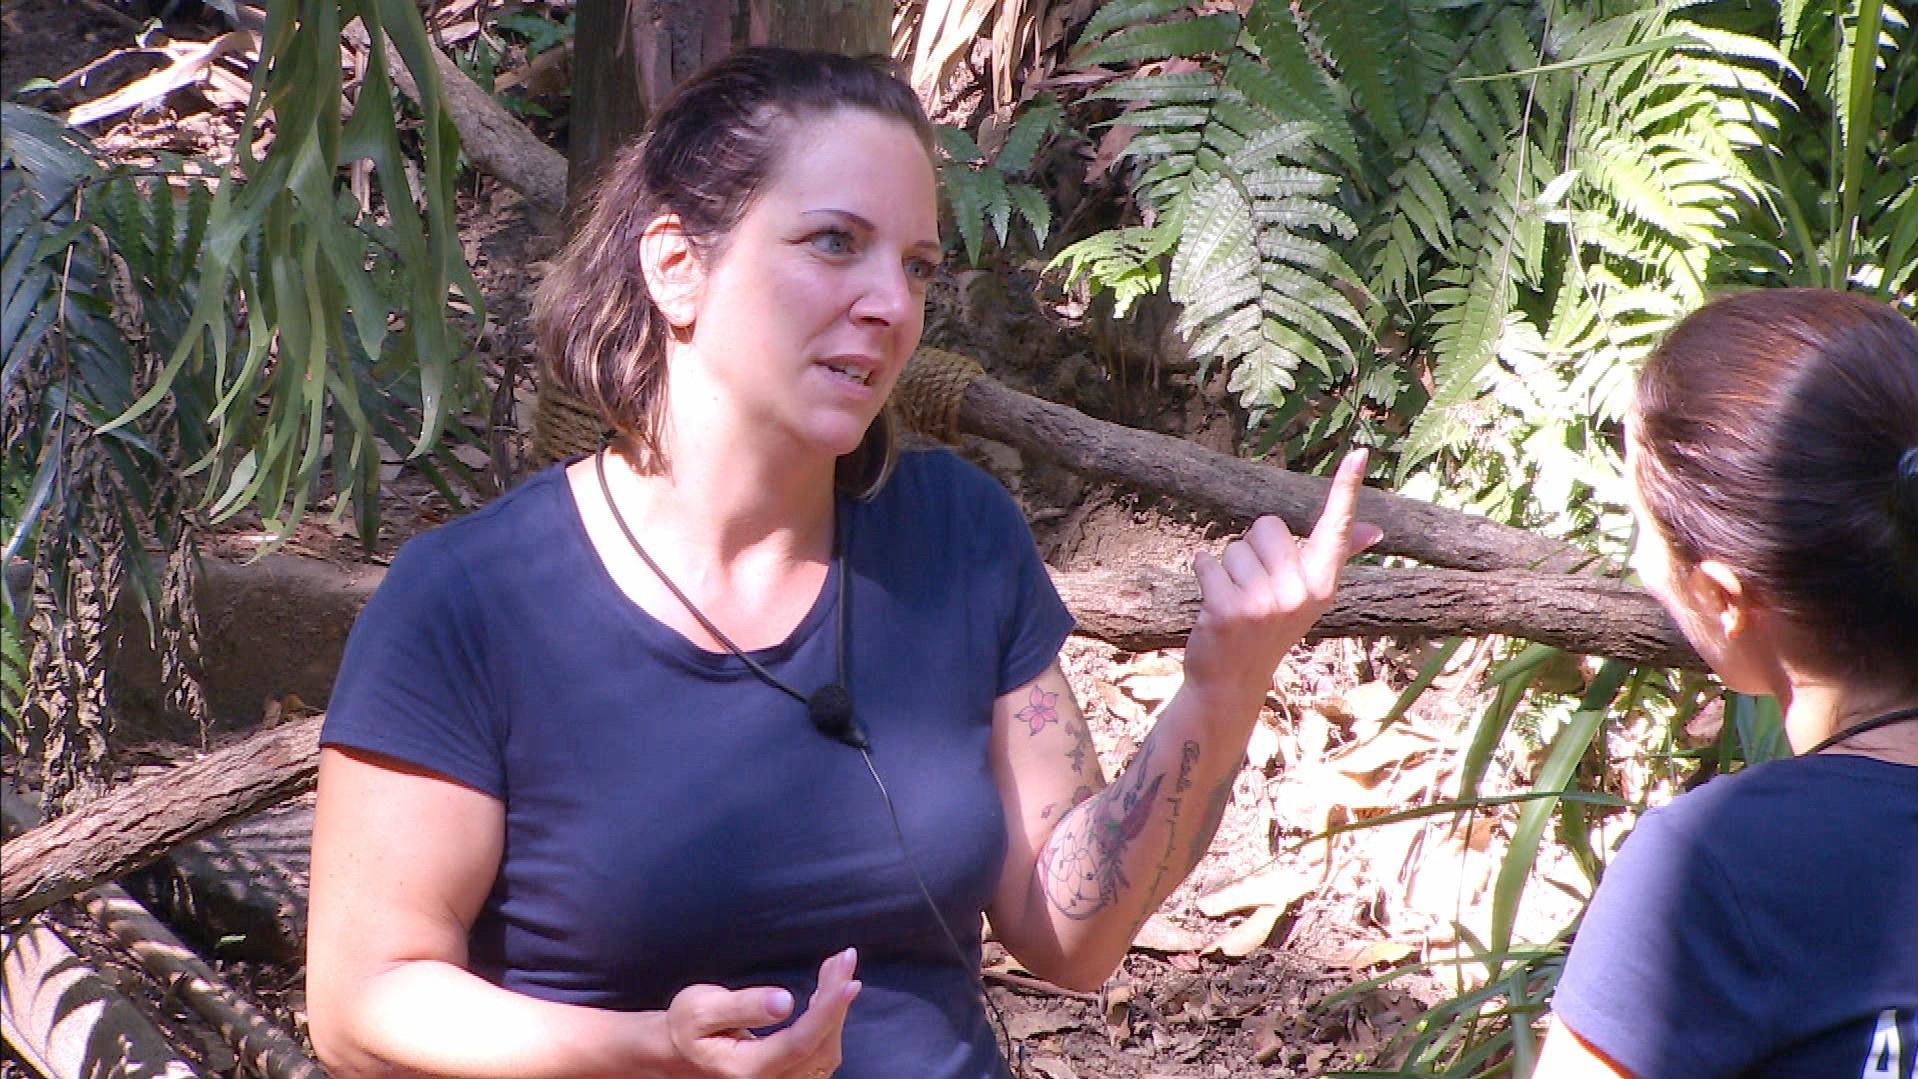 Dschungelcamp 2020: Anastasiya will sich bei Danni Büchner